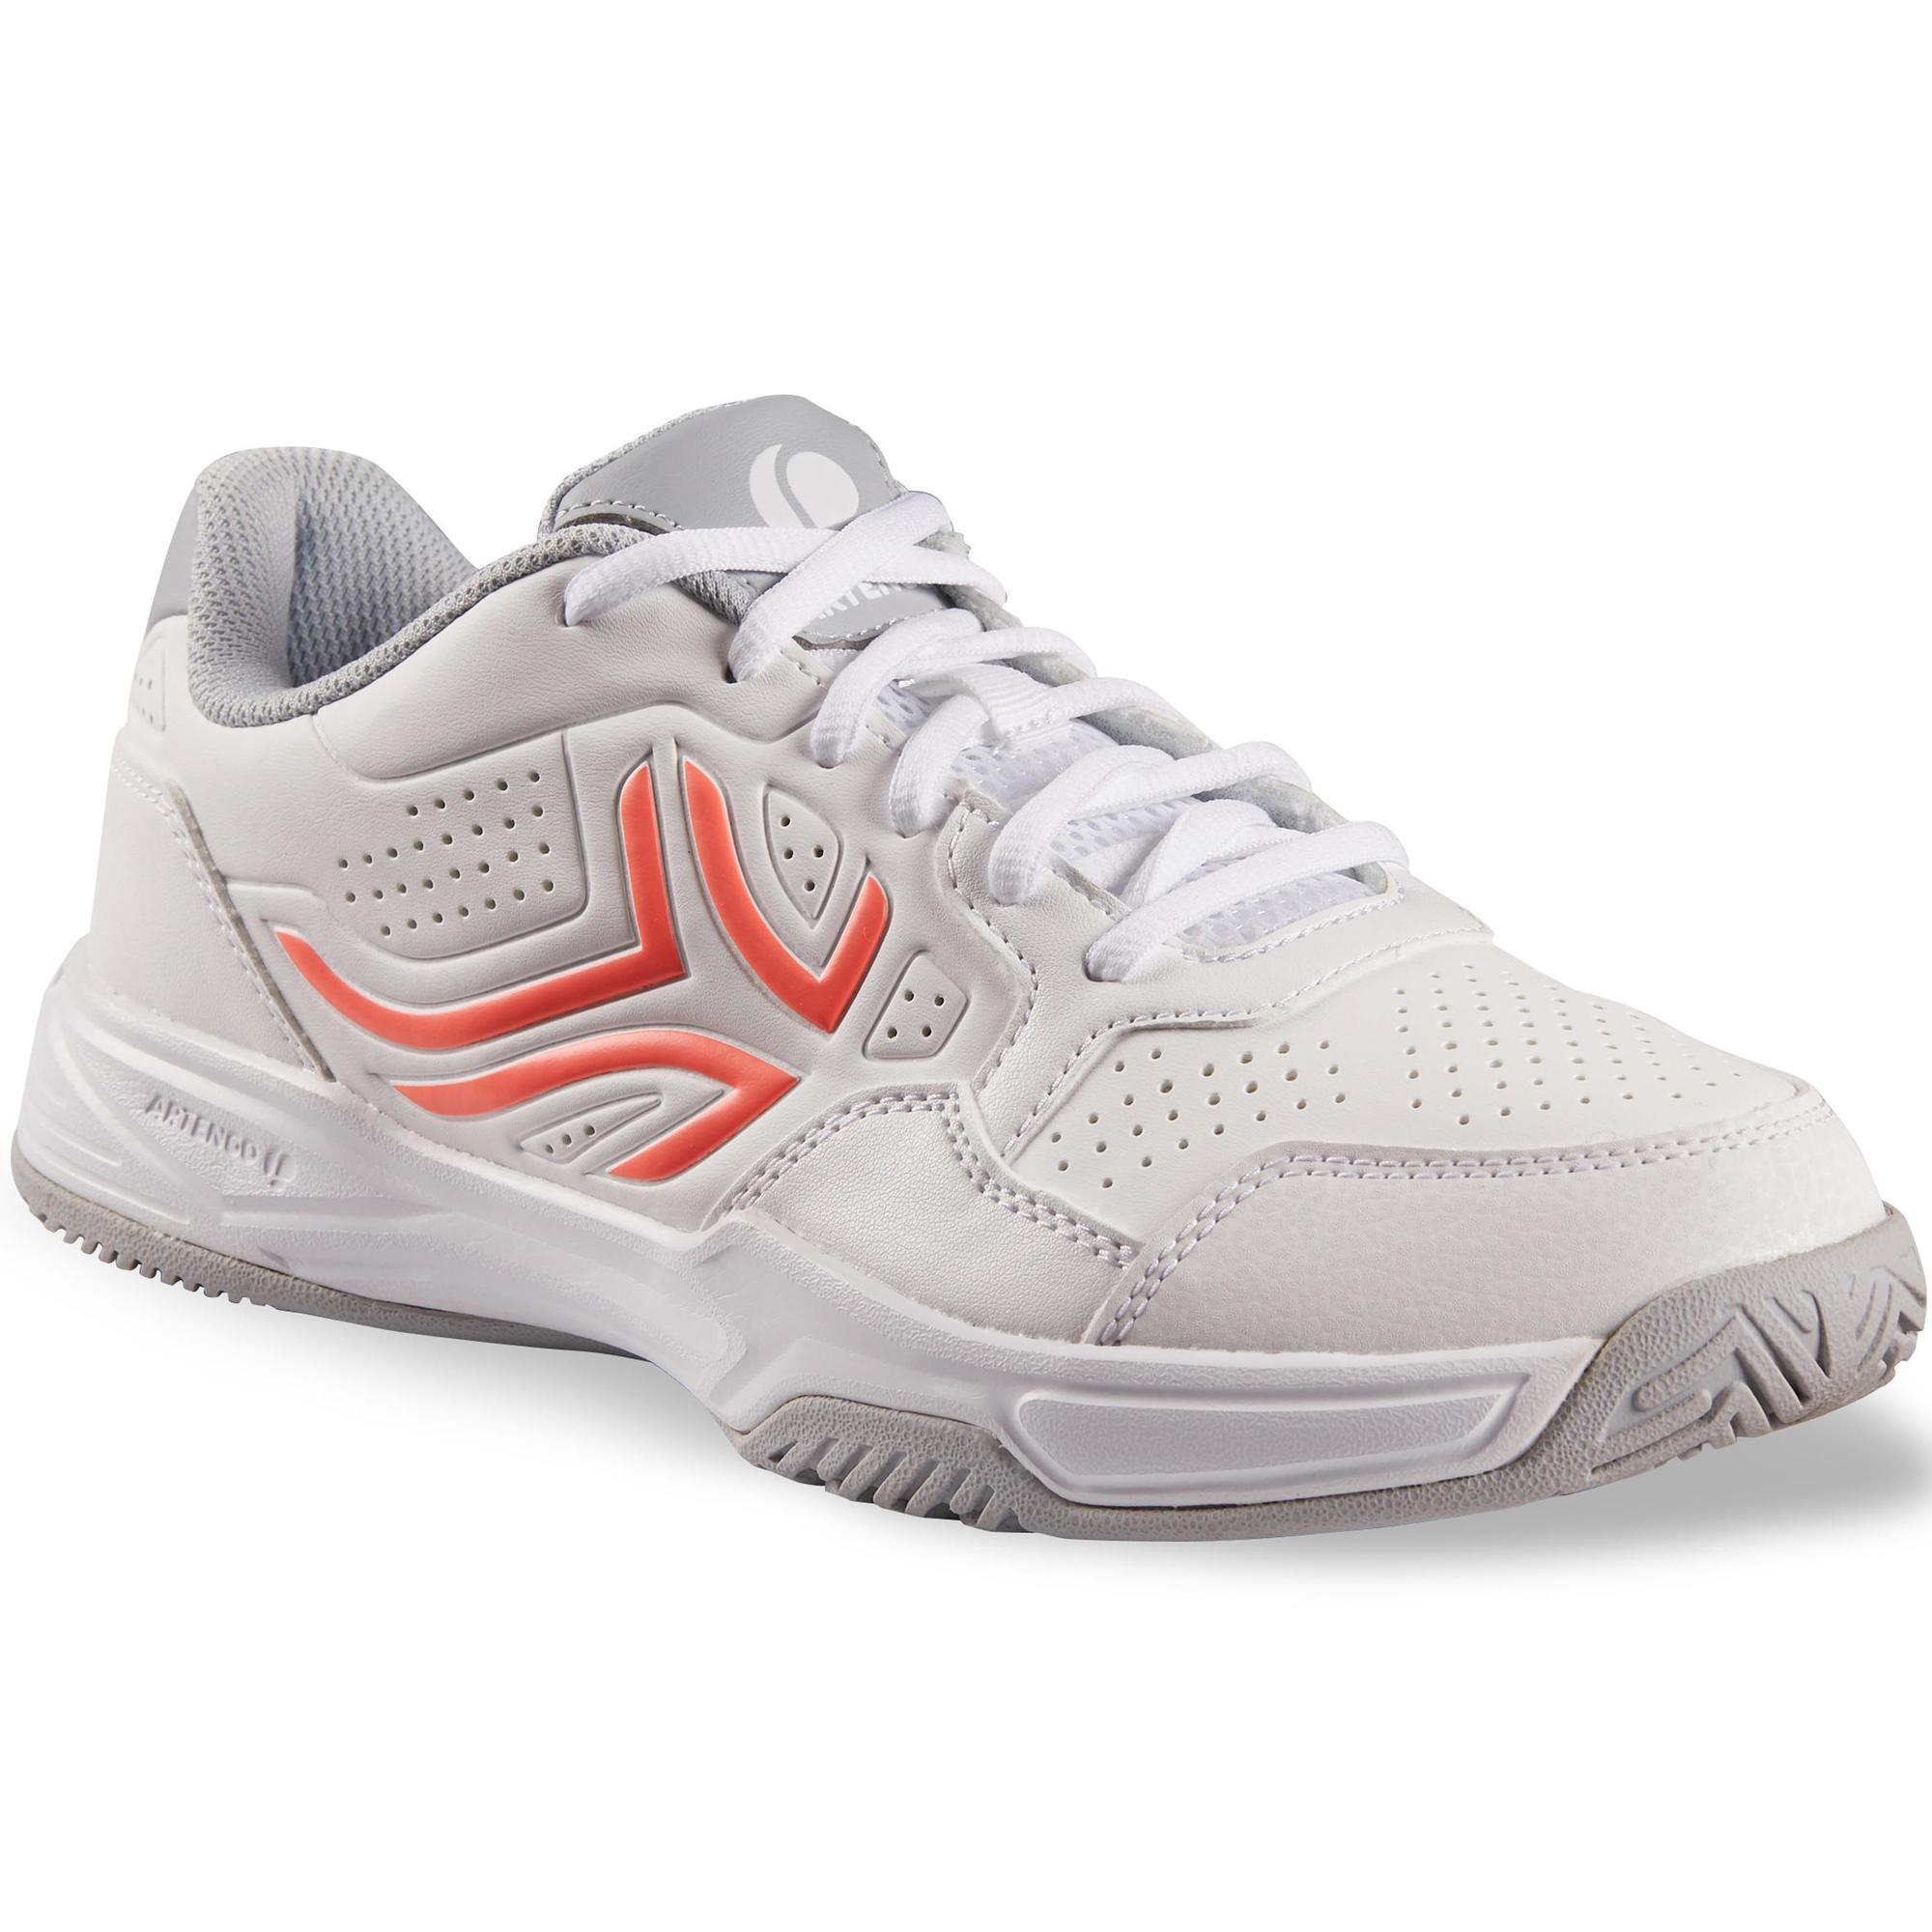 Tennisschuhe TS 190 Damen weiß | Schuhe > Sportschuhe > Tennisschuhe | Weiß | Artengo